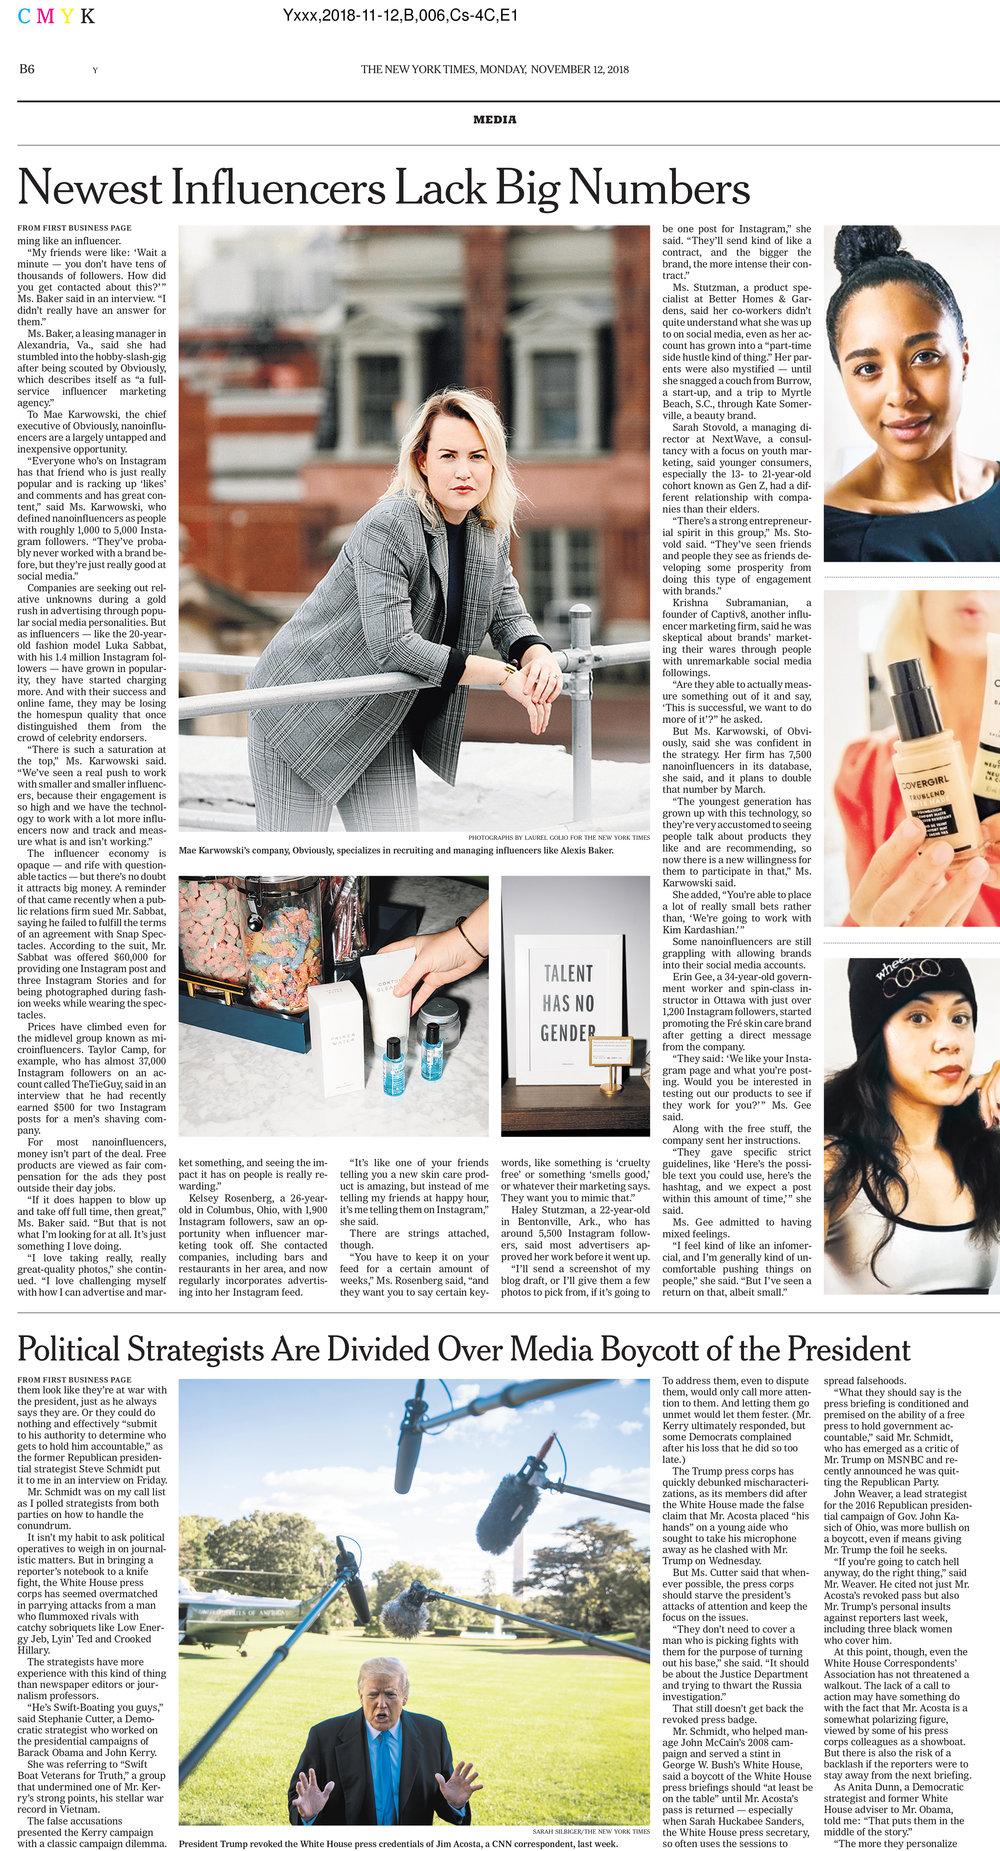 NYT_CLIPS_13.JPG